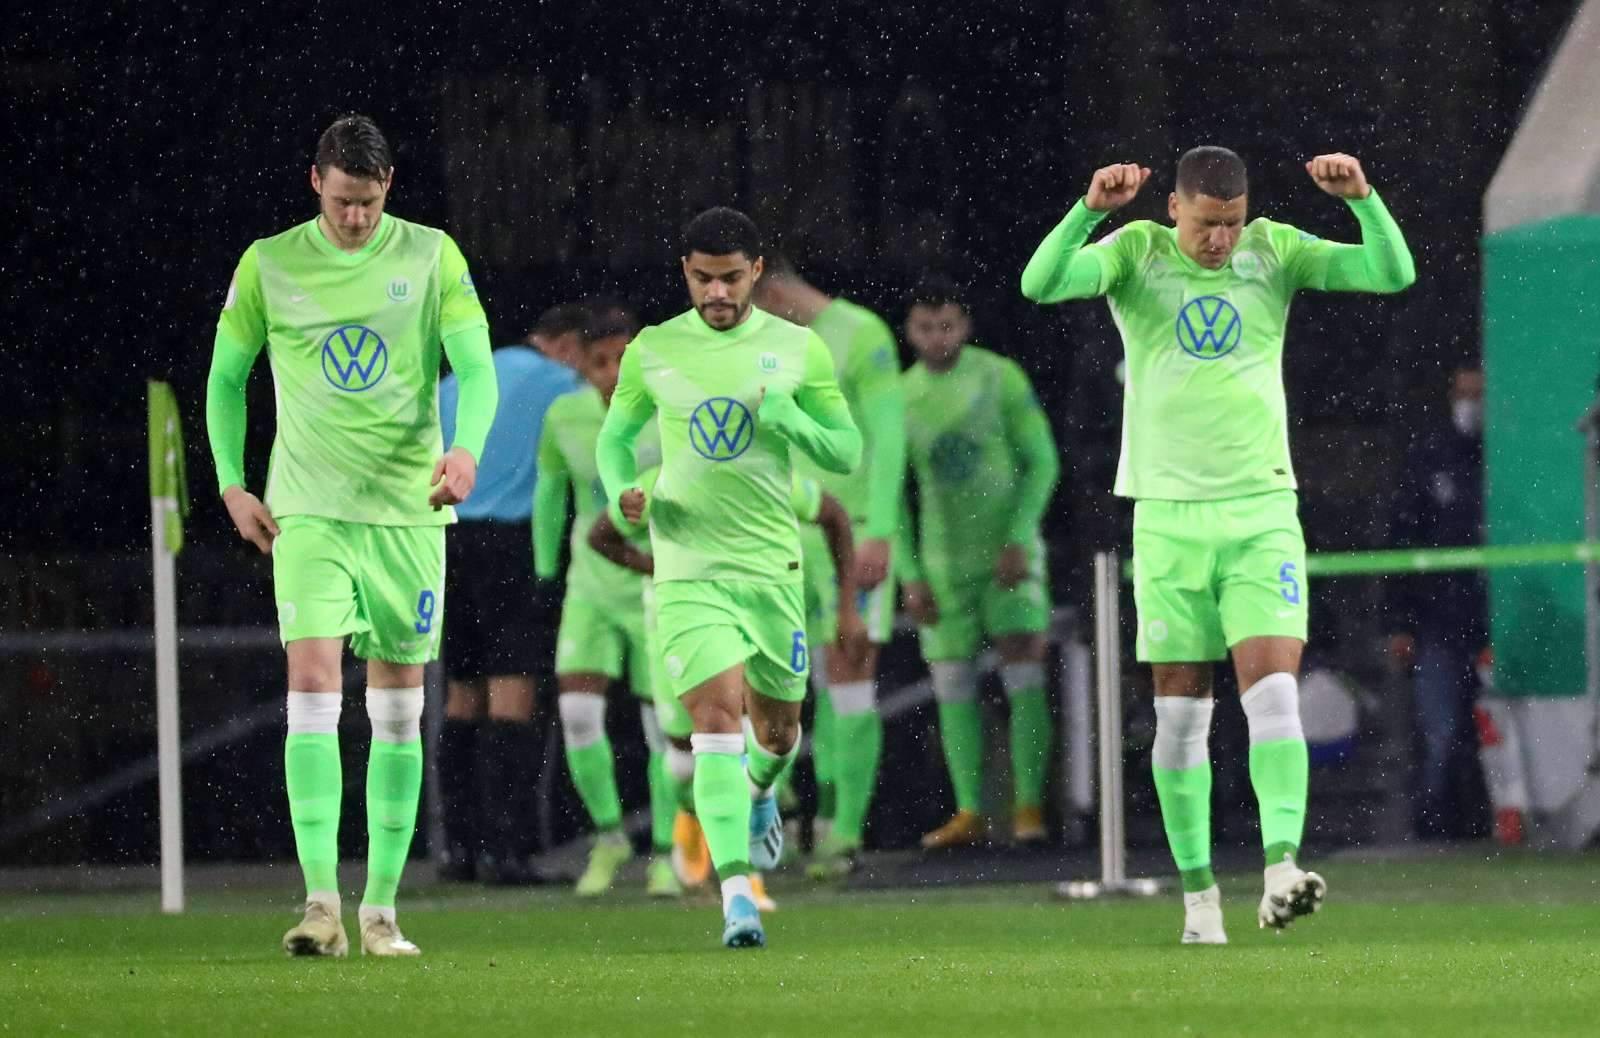 «Вольфсбург» дисквалифицирован из Кубка Германии